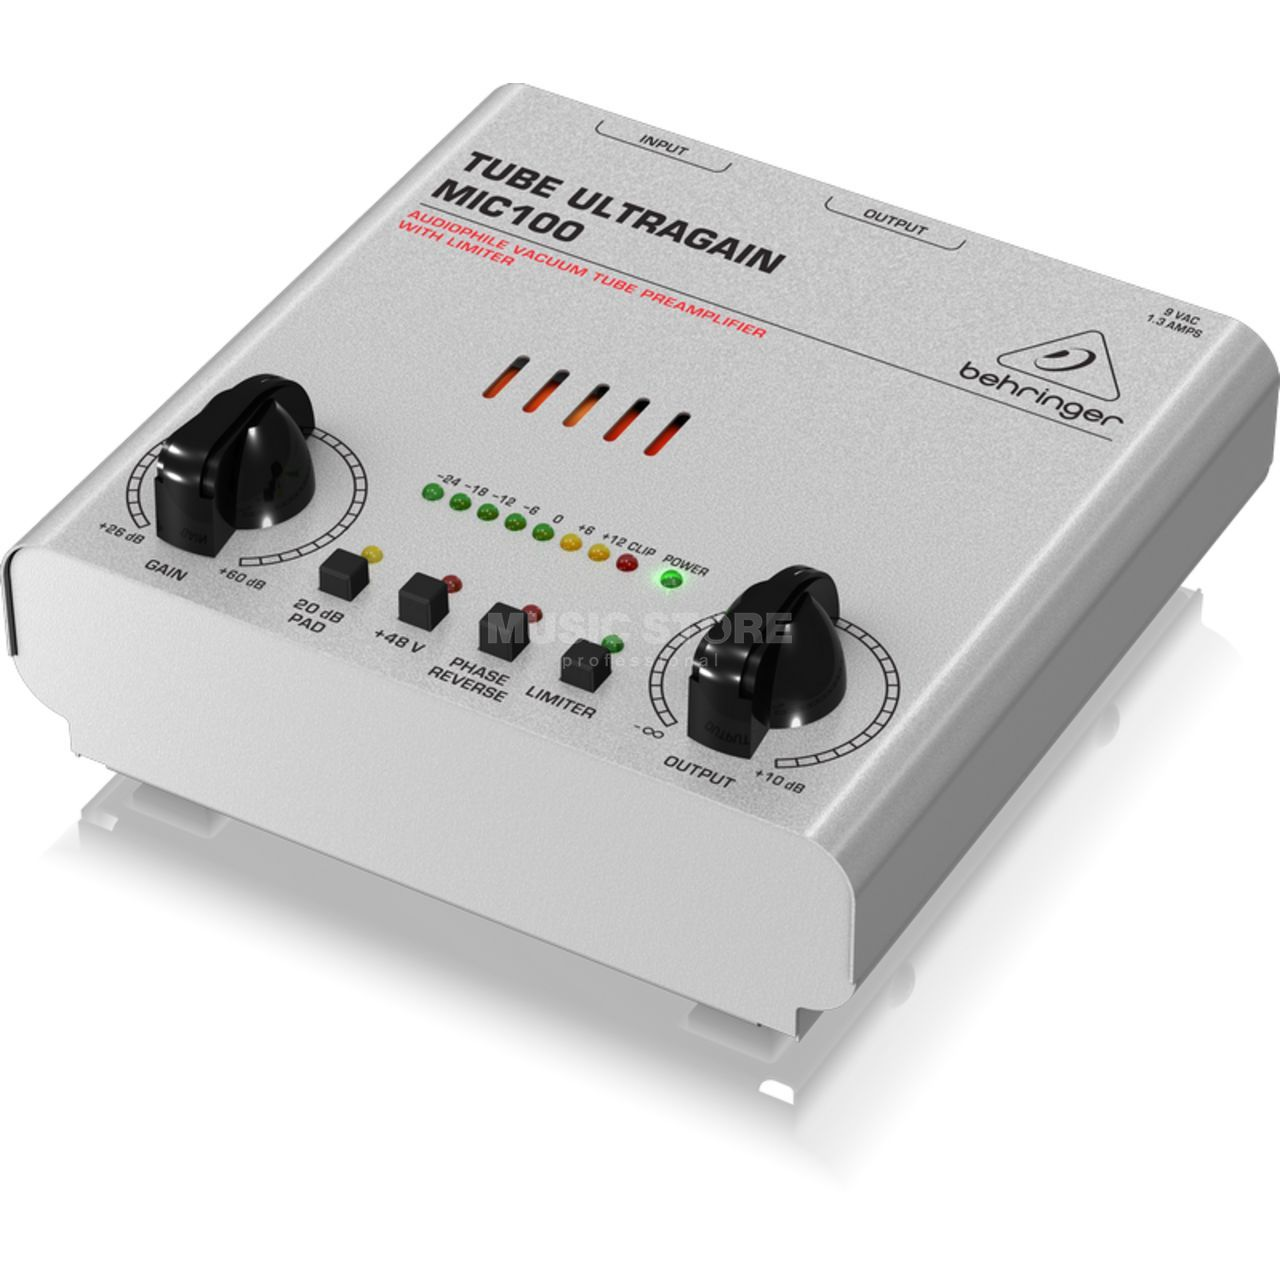 Behringer Mic 100 Tube Ultragain